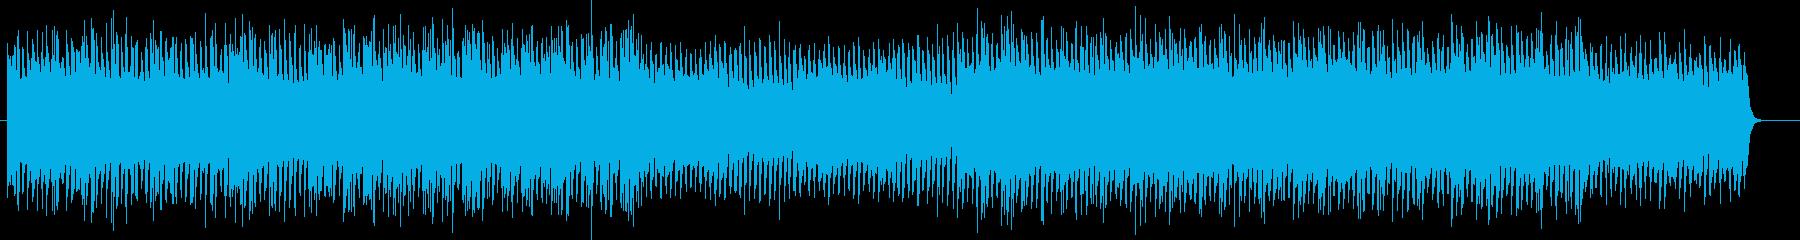 近未来感の明るいシンセサイザーサウンドの再生済みの波形